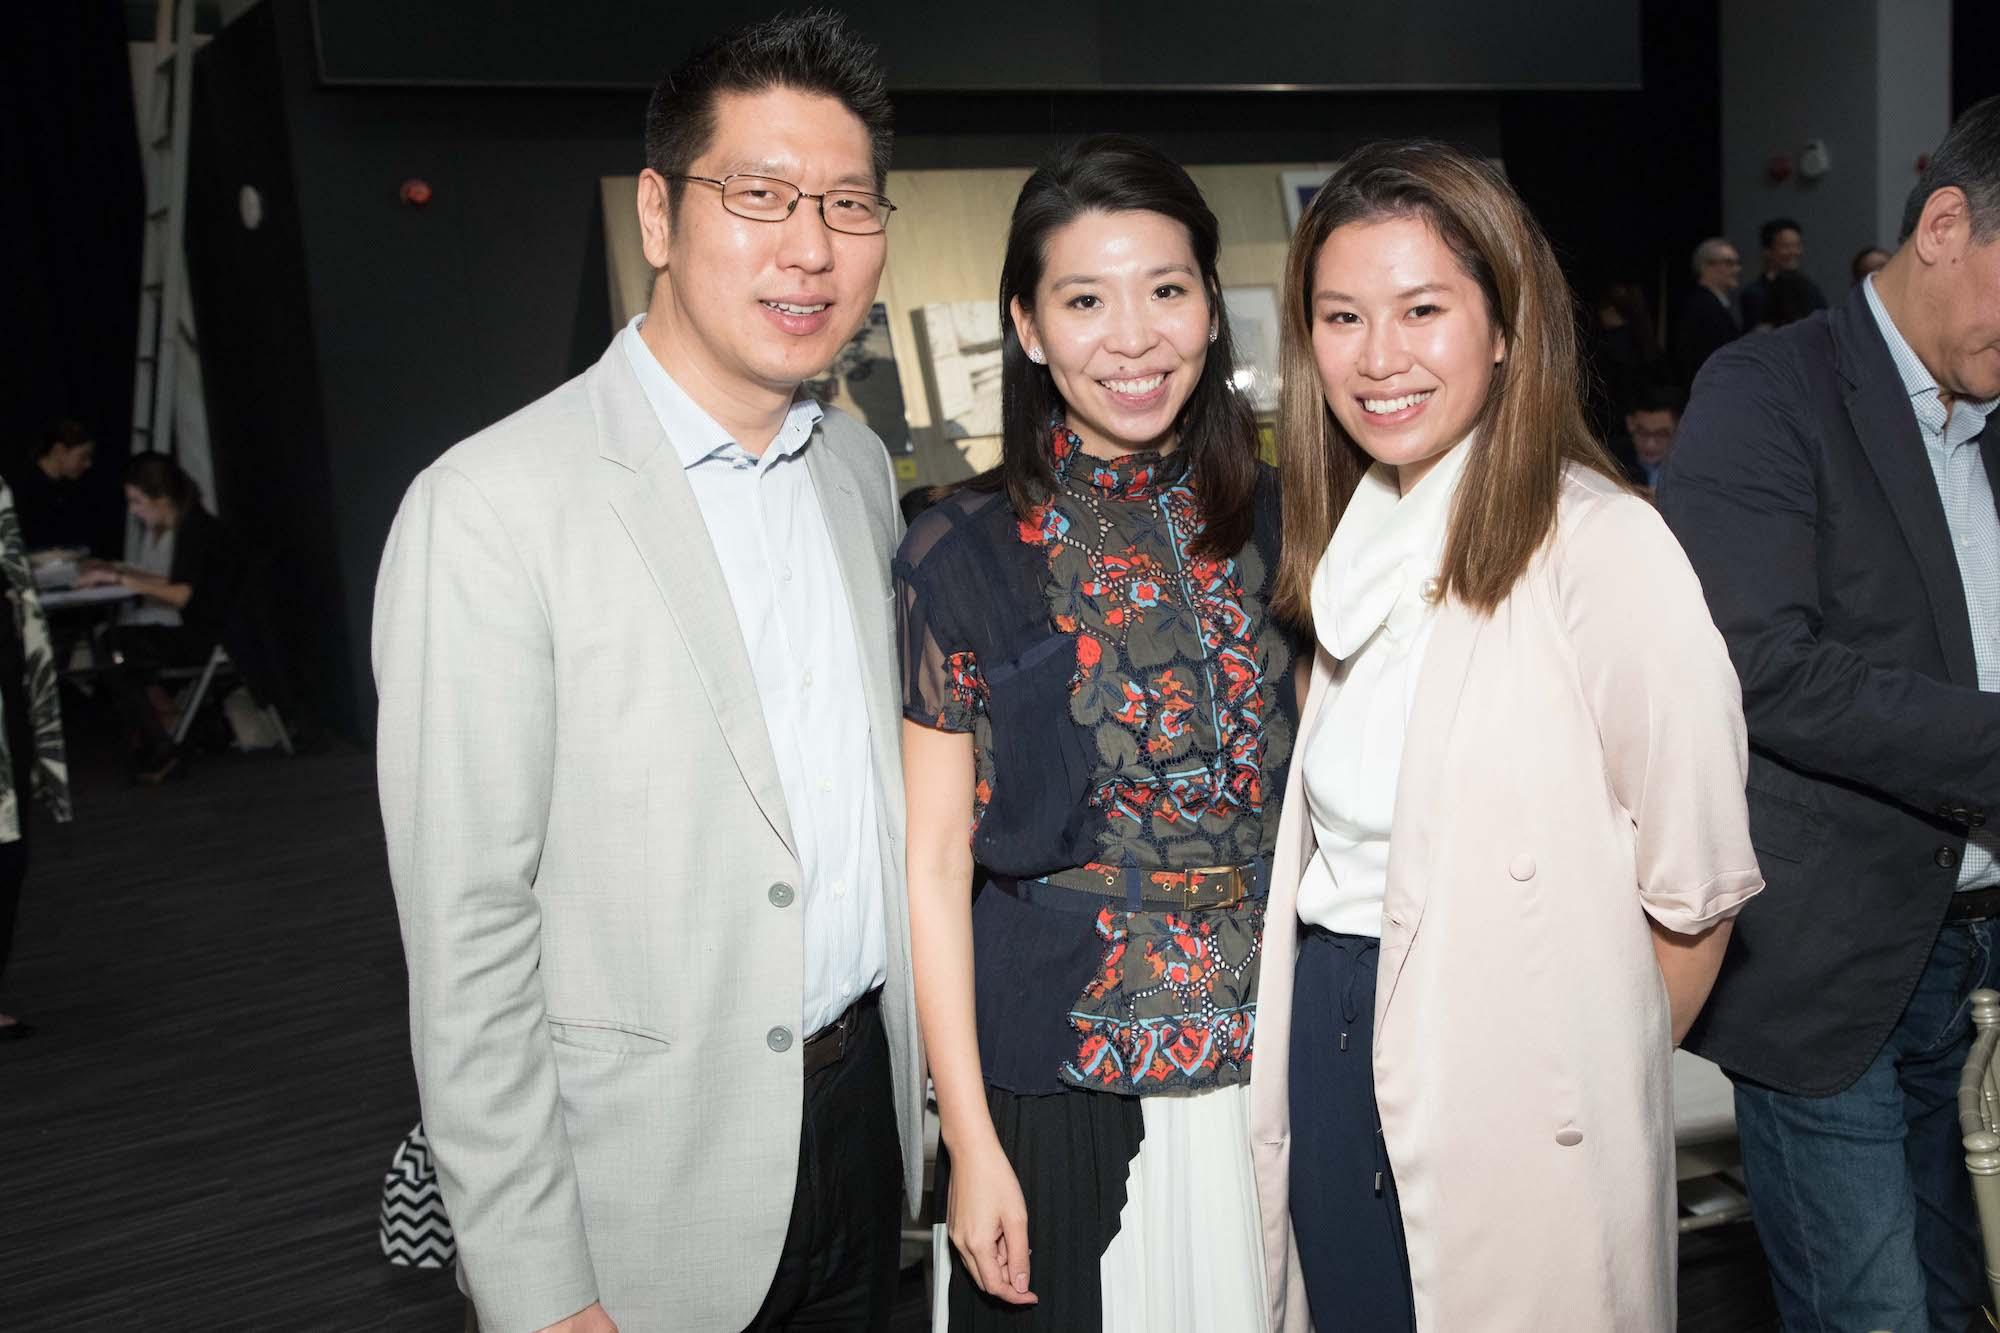 David Tung, Kristine Li, Vince Chan